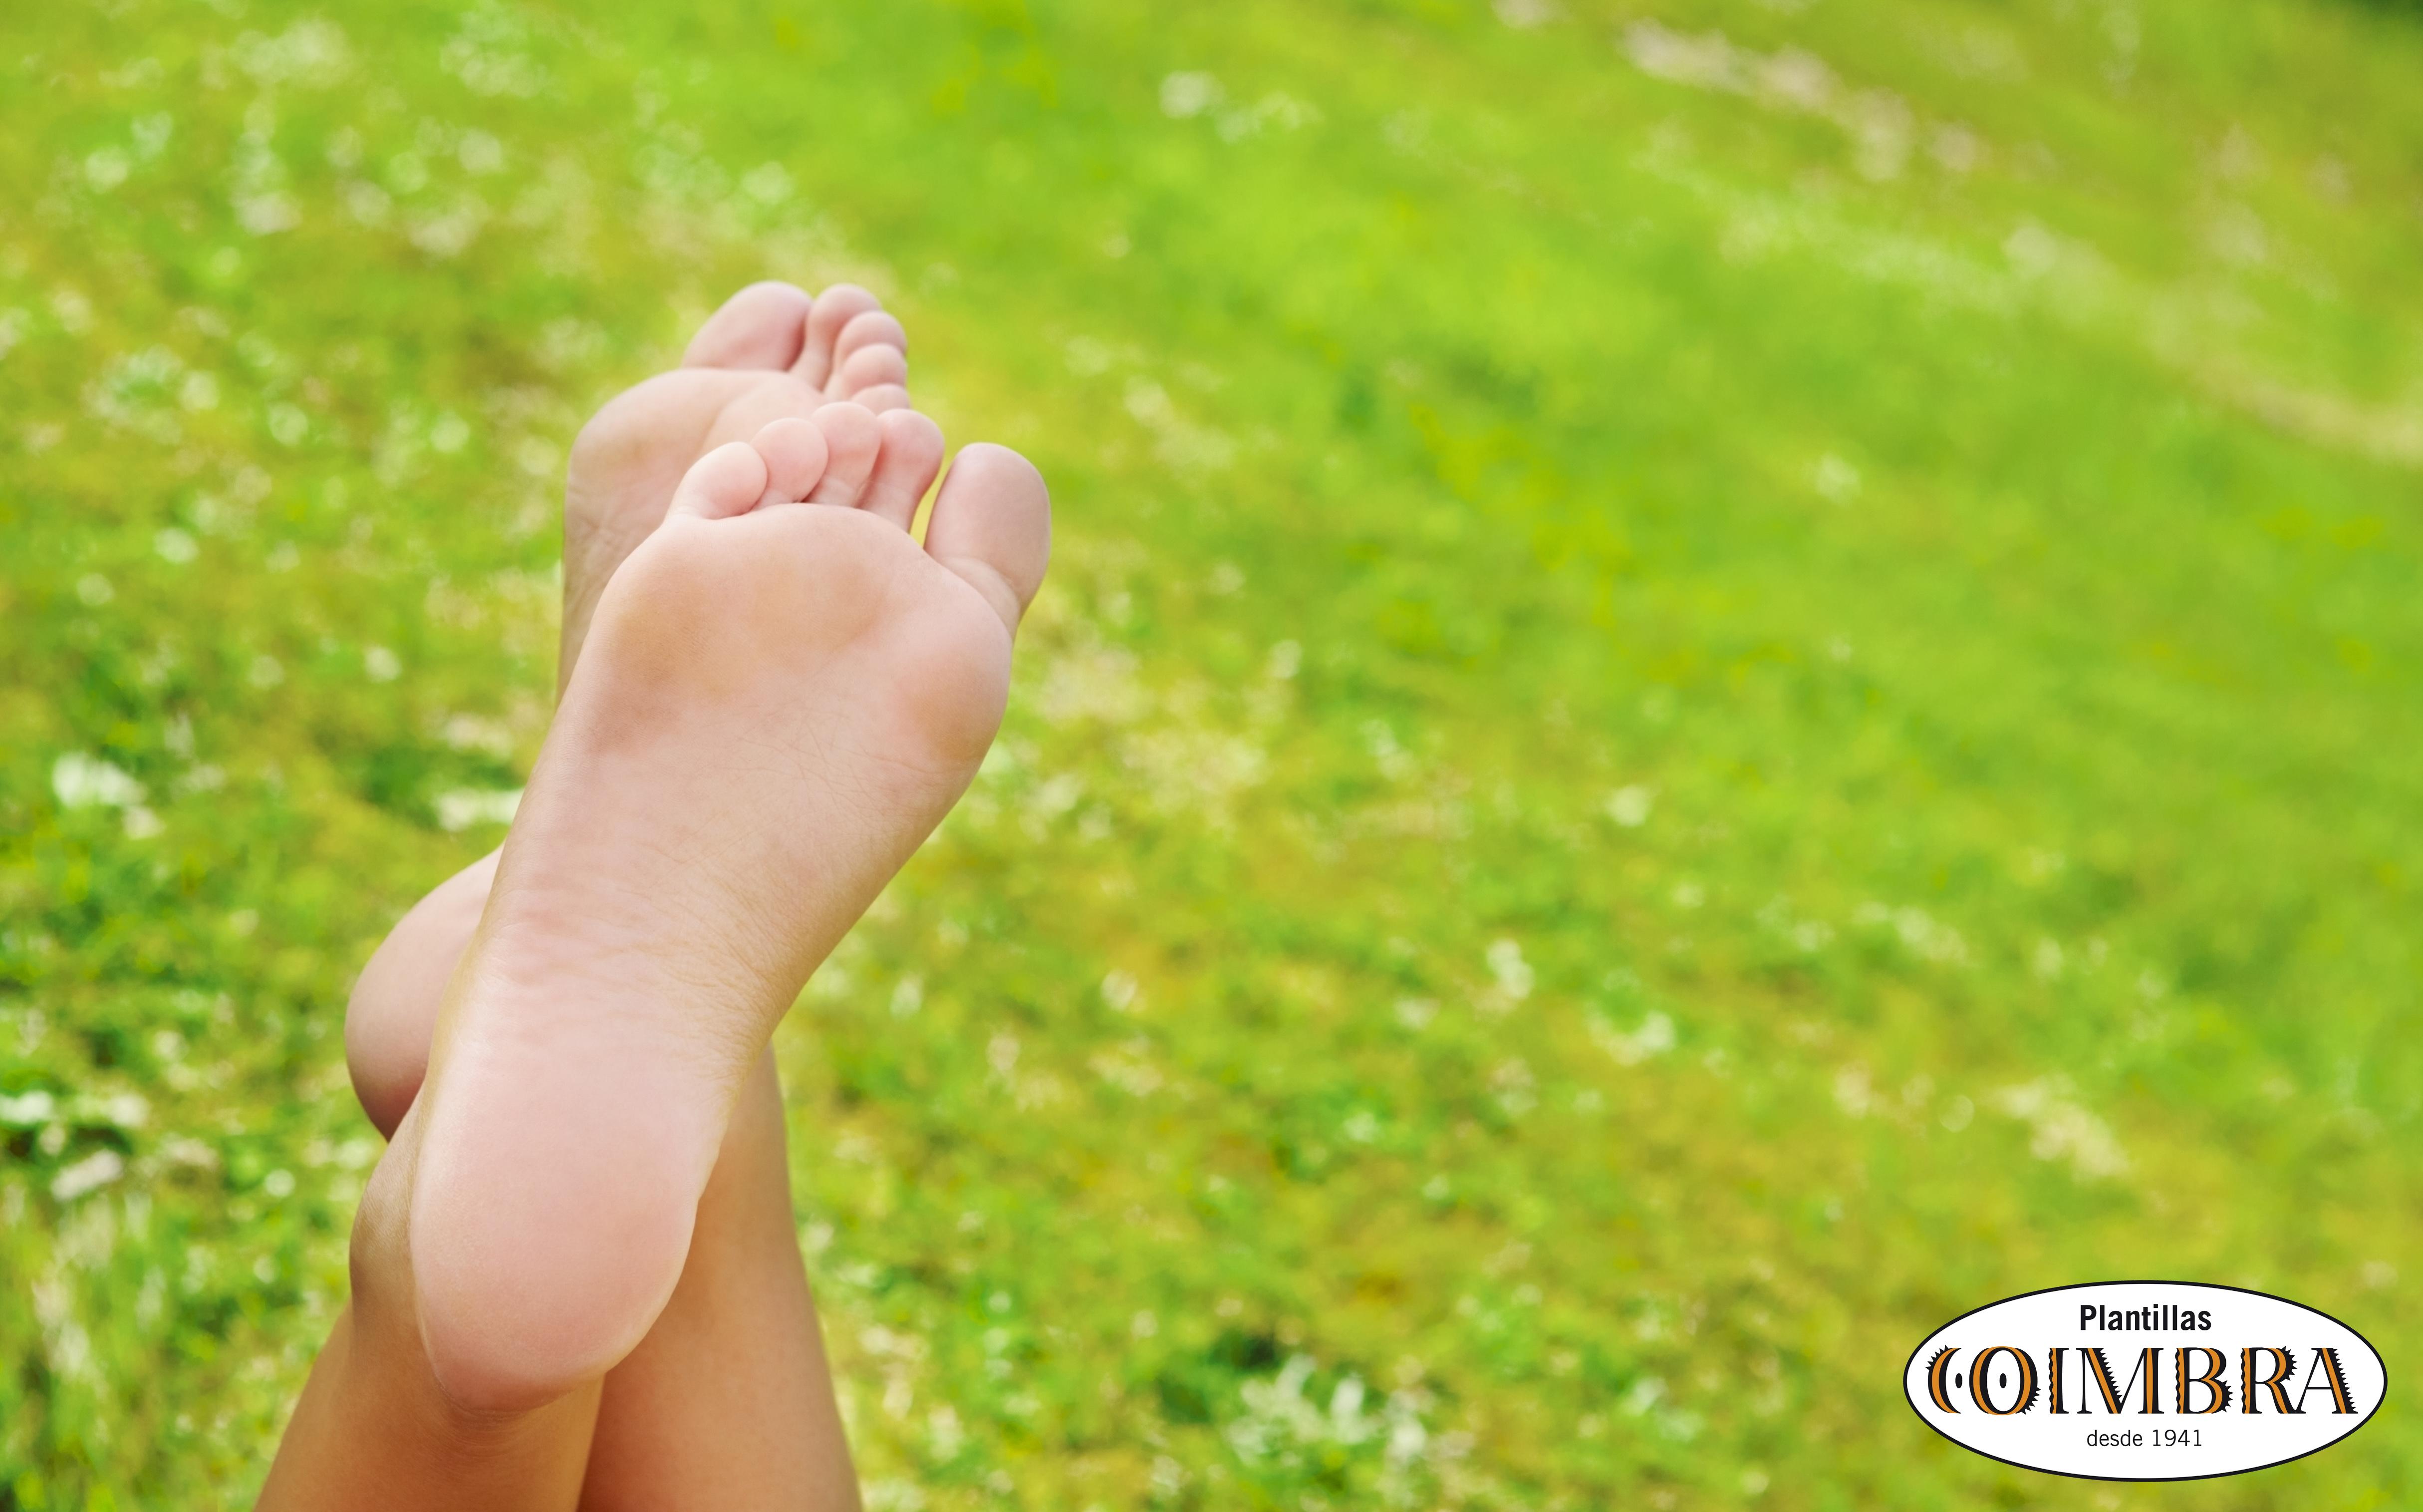 Plantillas para calzado - Plantillas Coimbra informa - Part 10